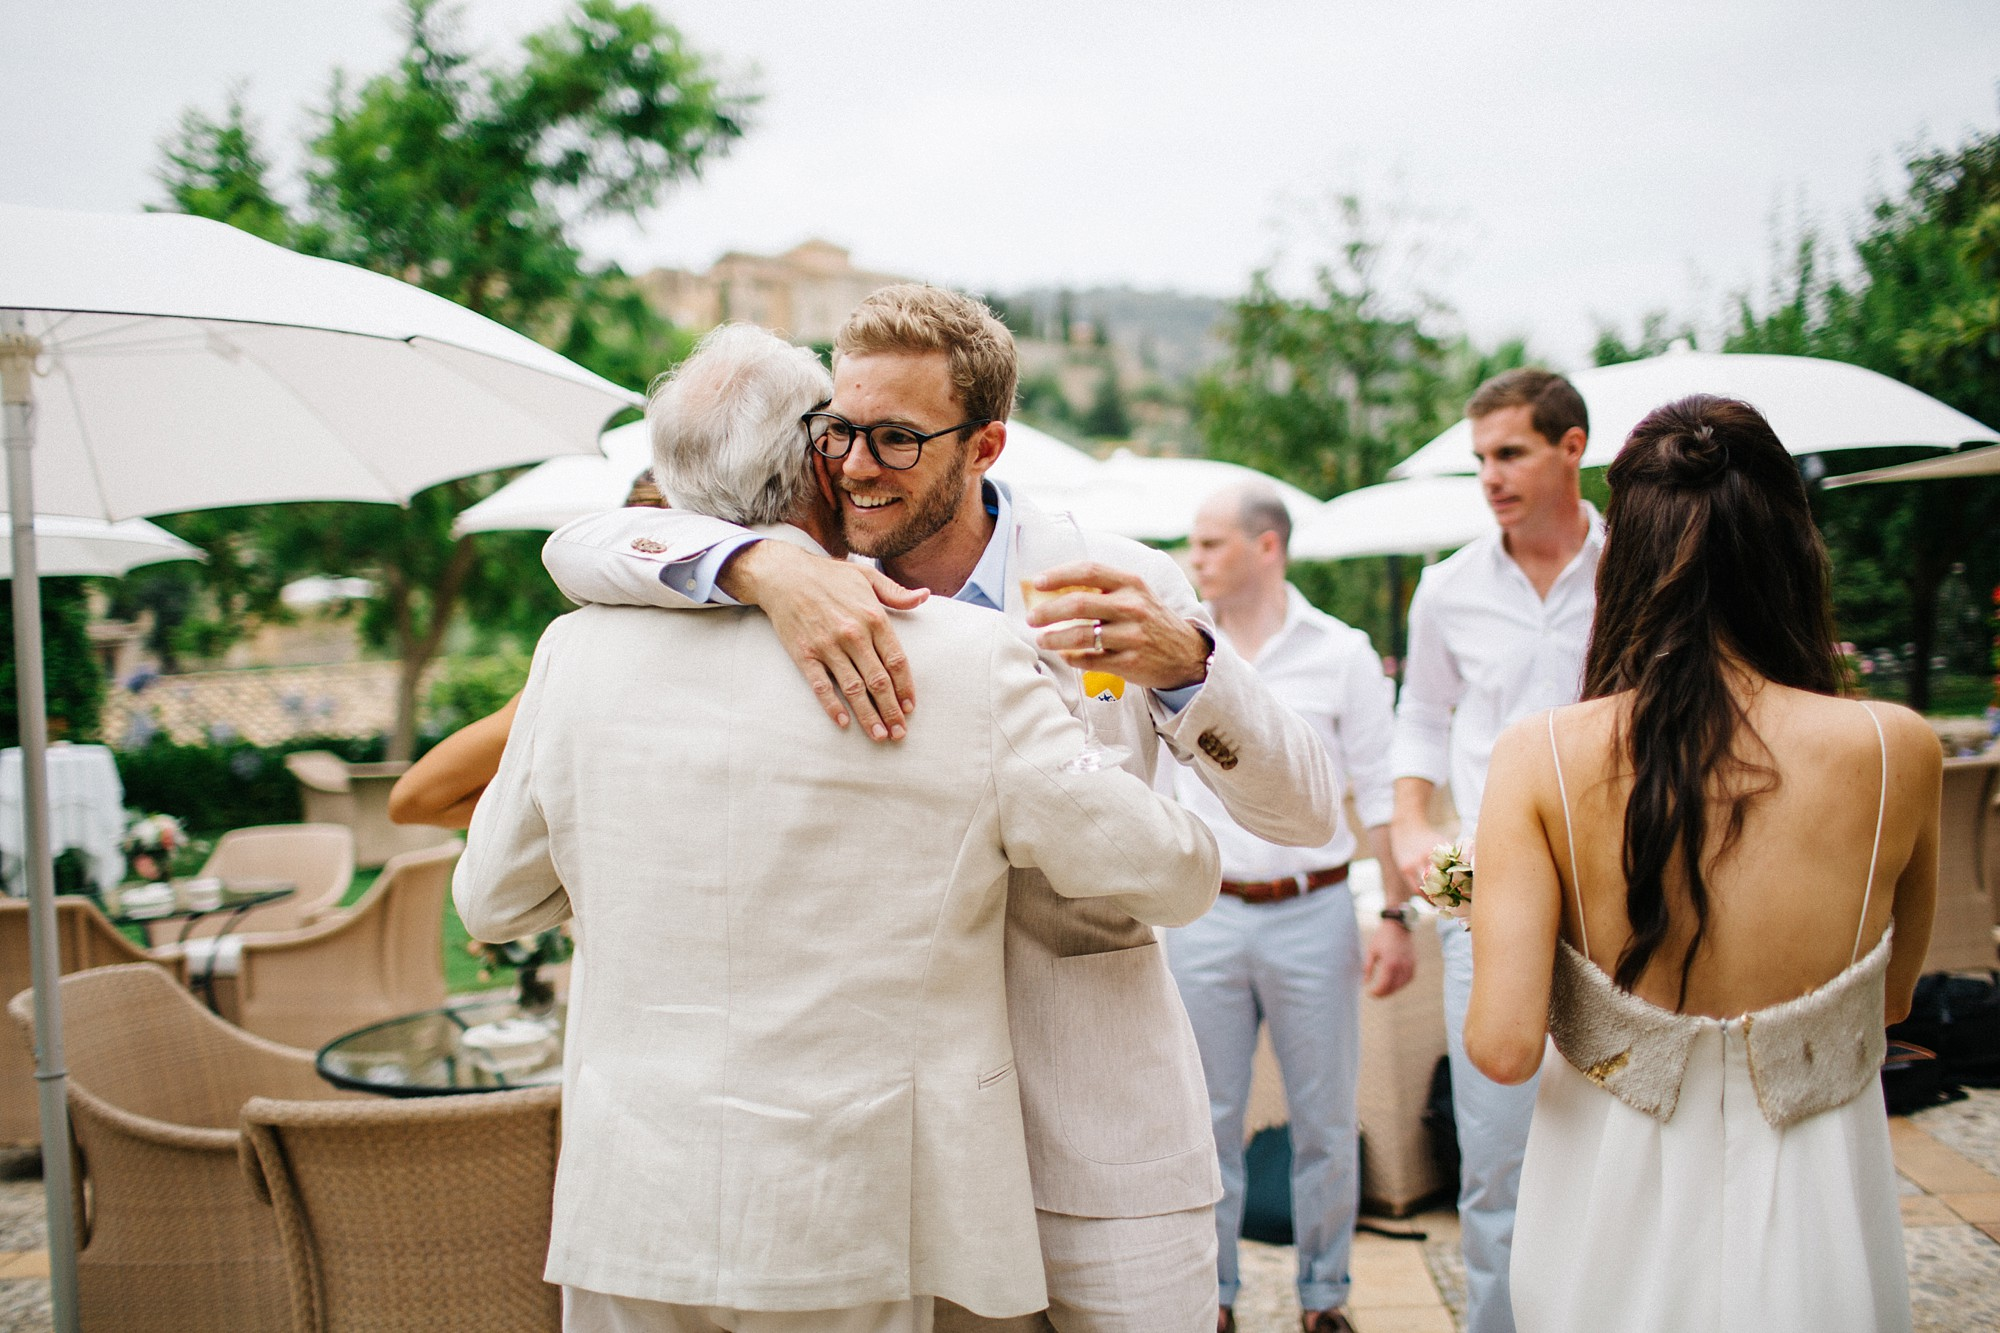 fotografos de boda en valencia barcelona mallorca wedding photographer098.jpg